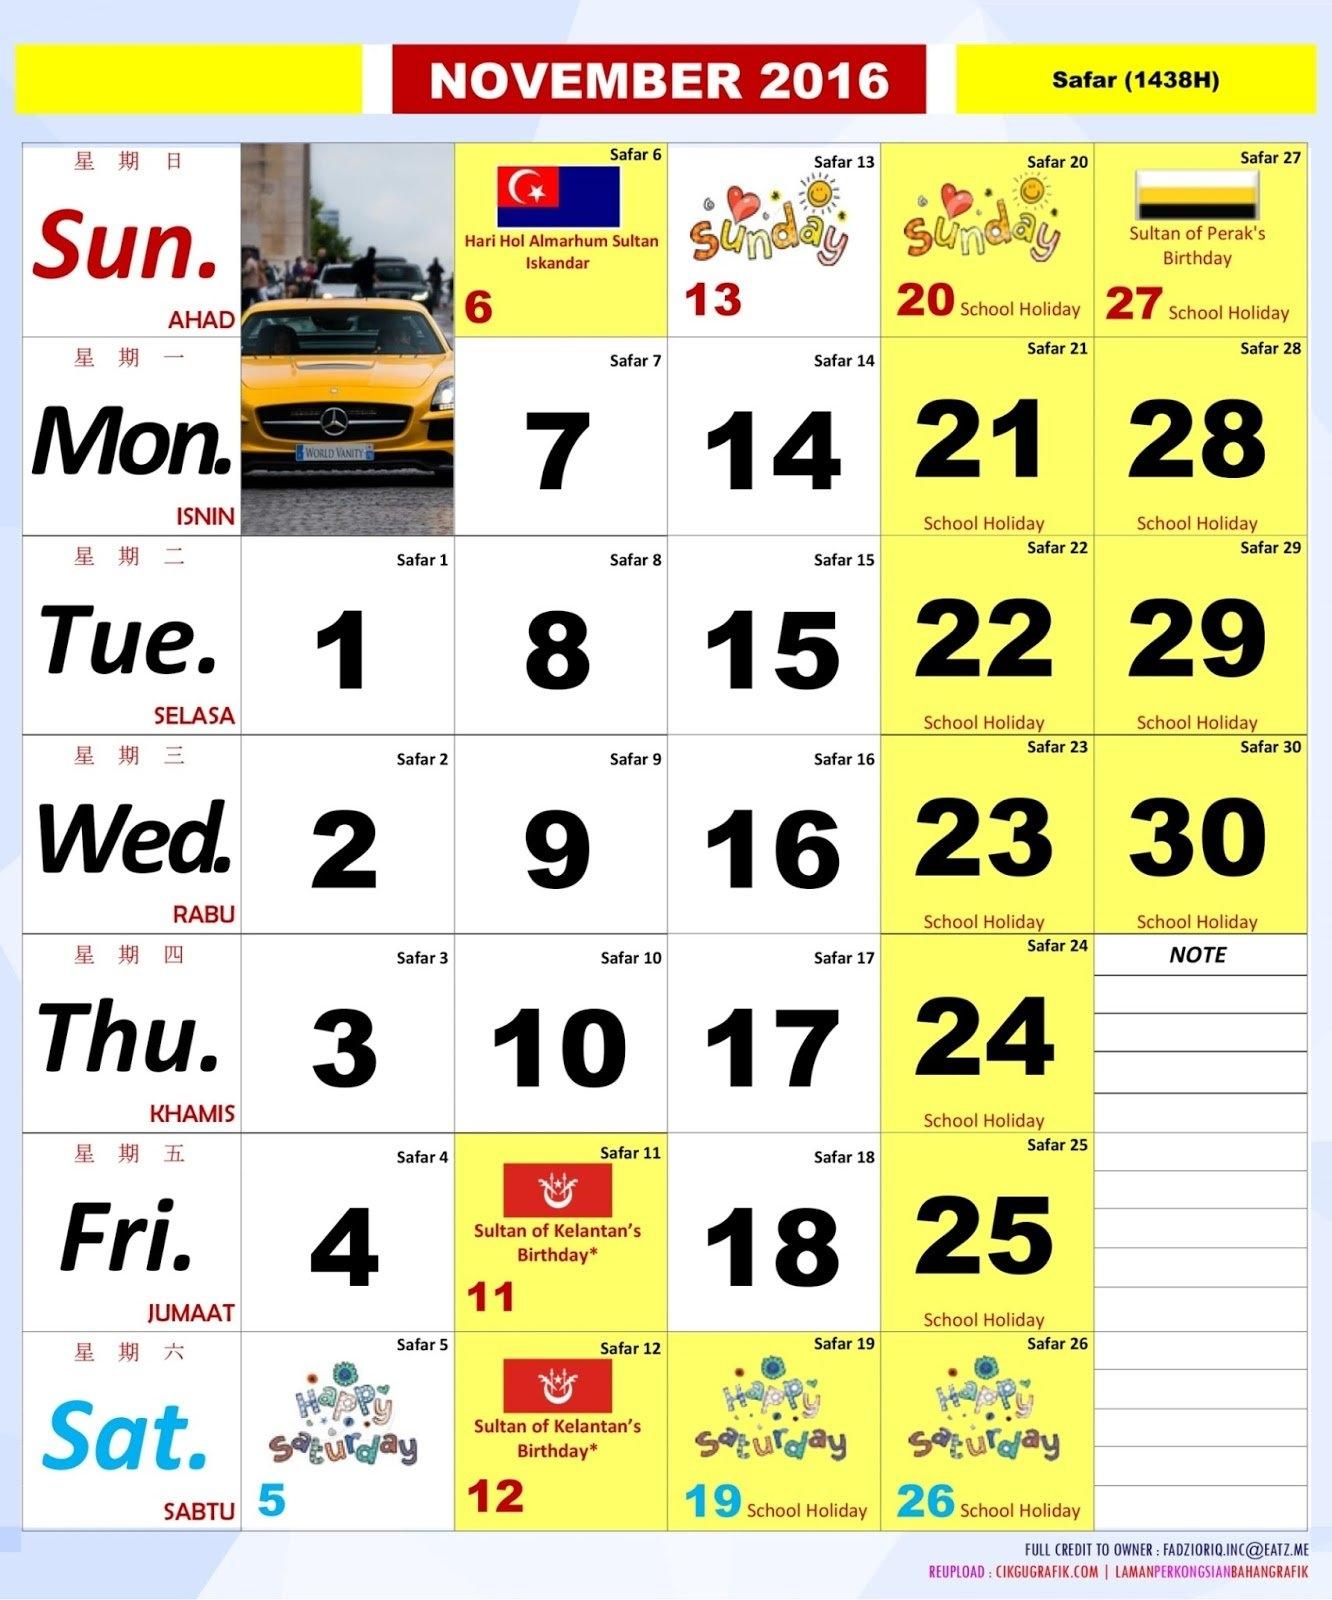 Kalendar Kuda 2016 - Kalendar Cuti 2016 | Koleksi Grafik Untuk Guru throughout Kalendar Kuda 2021 Pdf